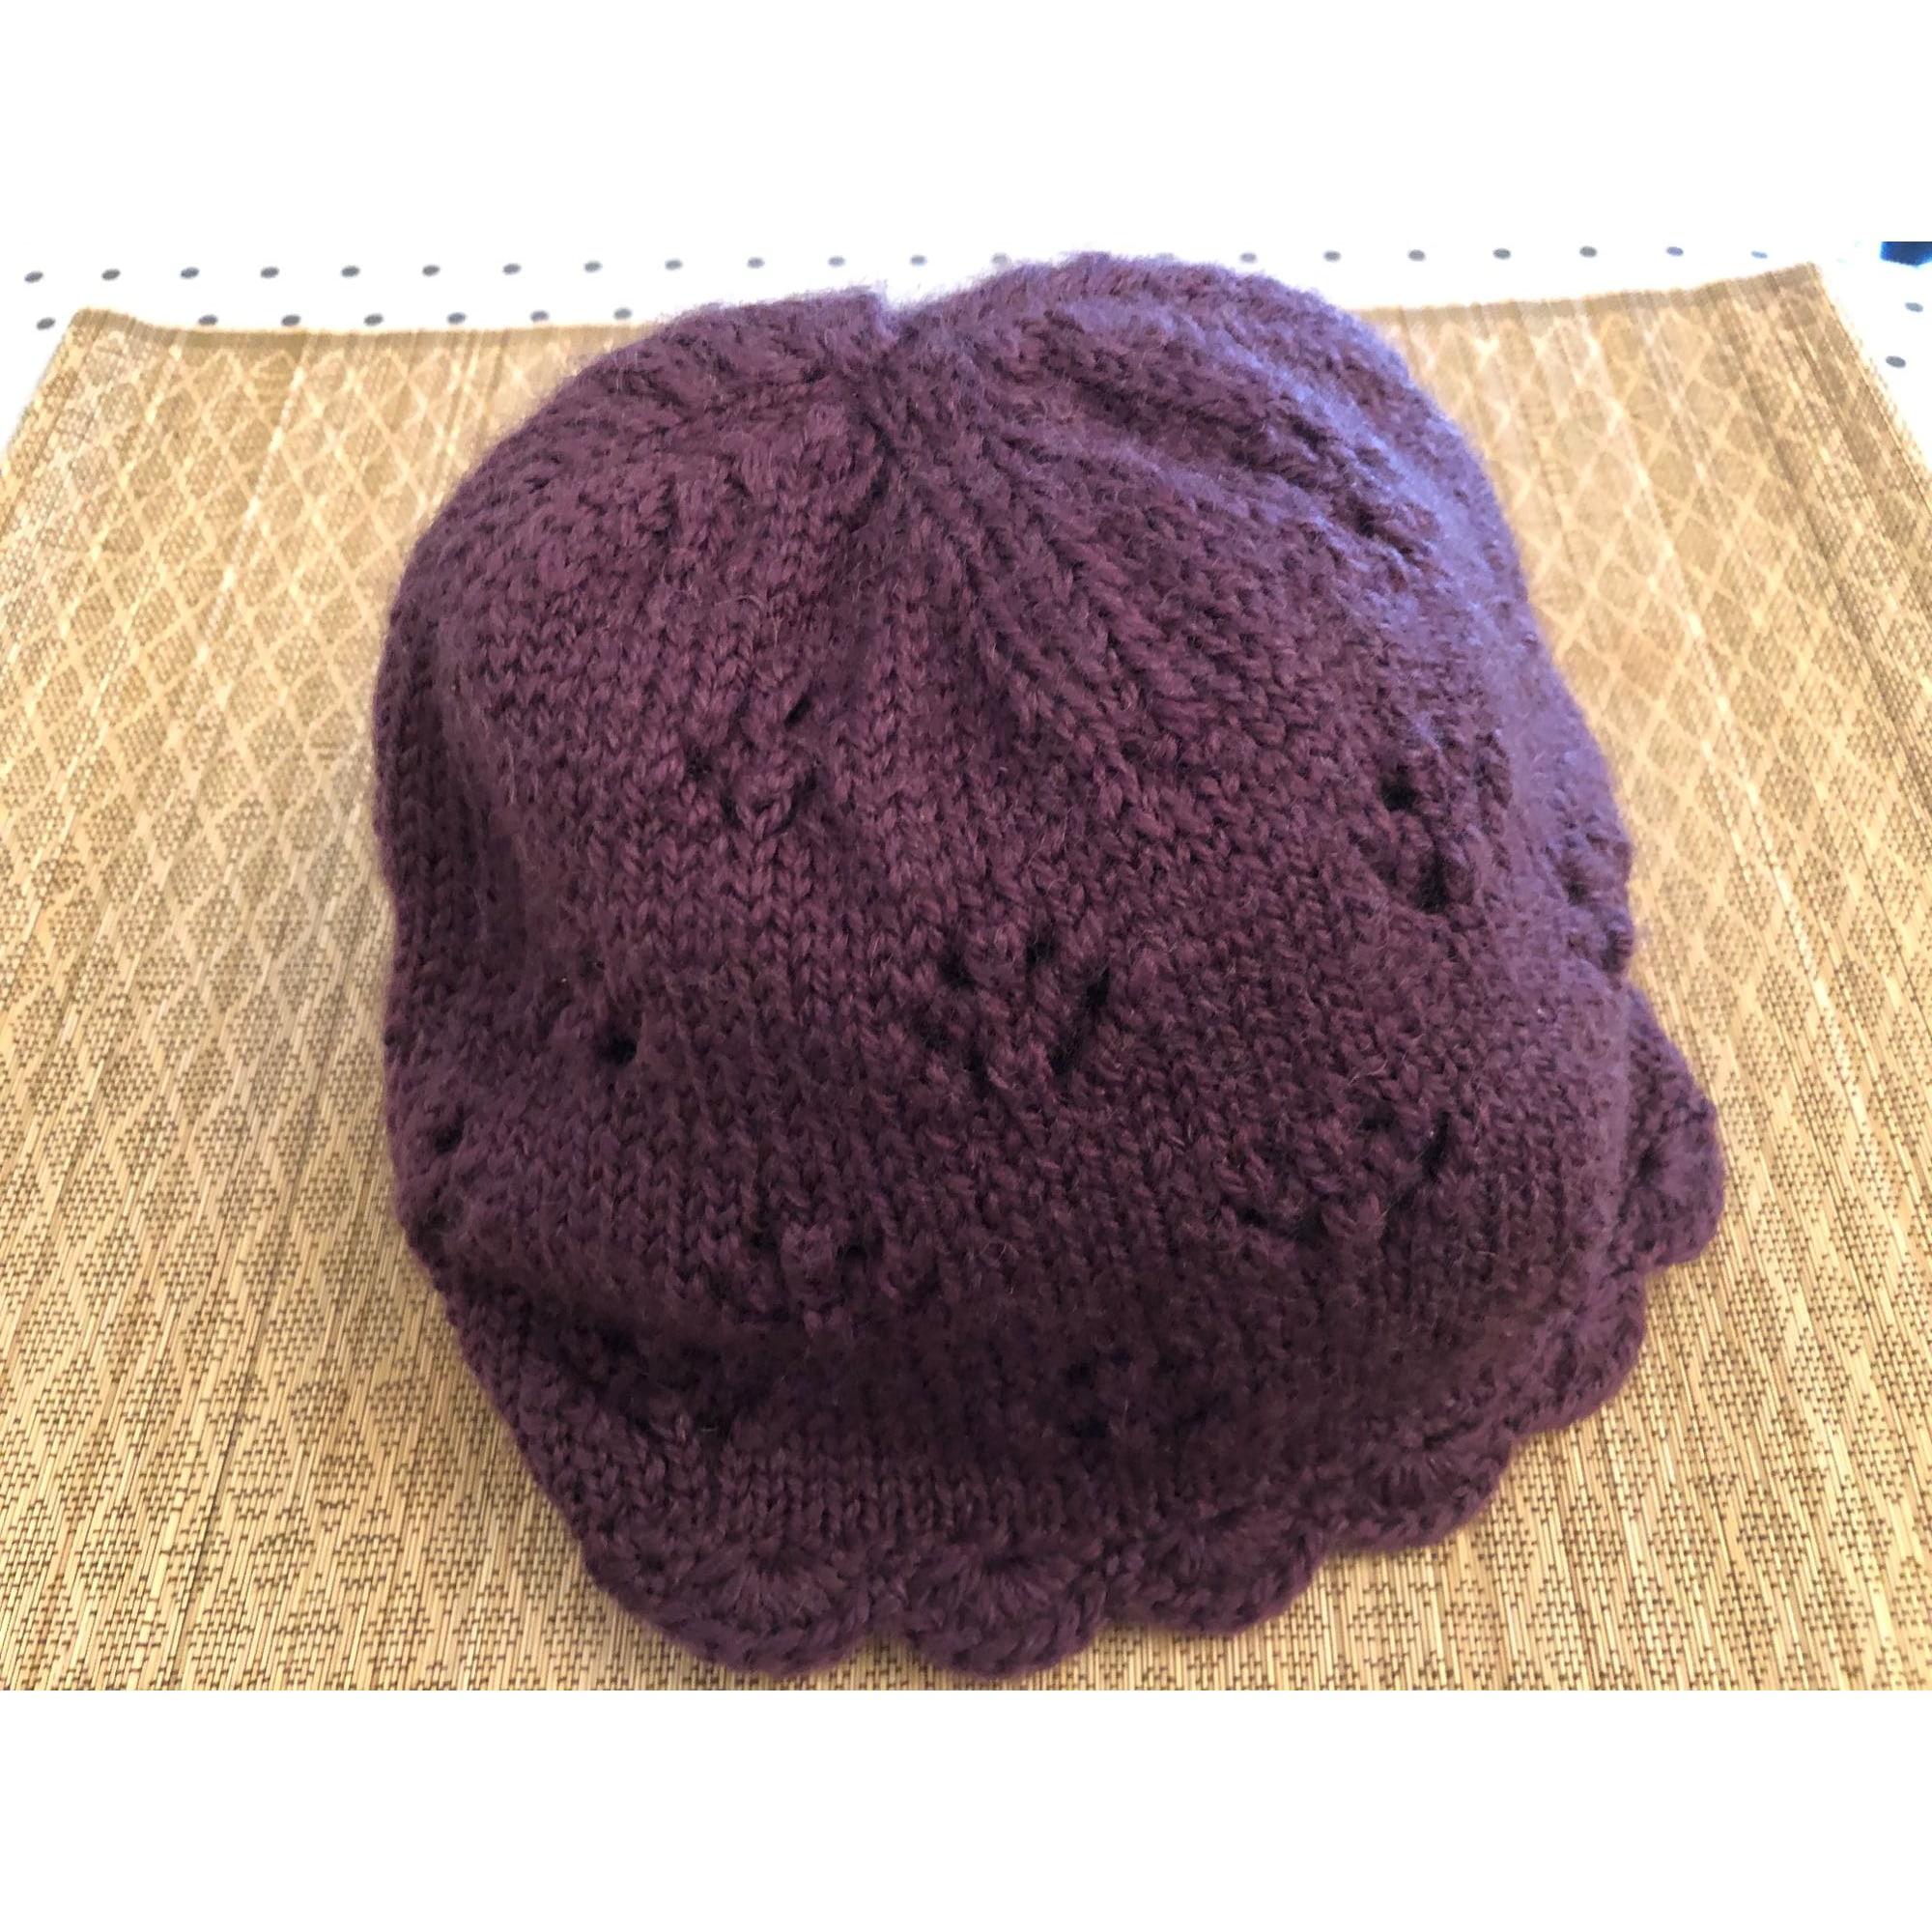 Beanie PETIT BATEAU Purple, mauve, lavender